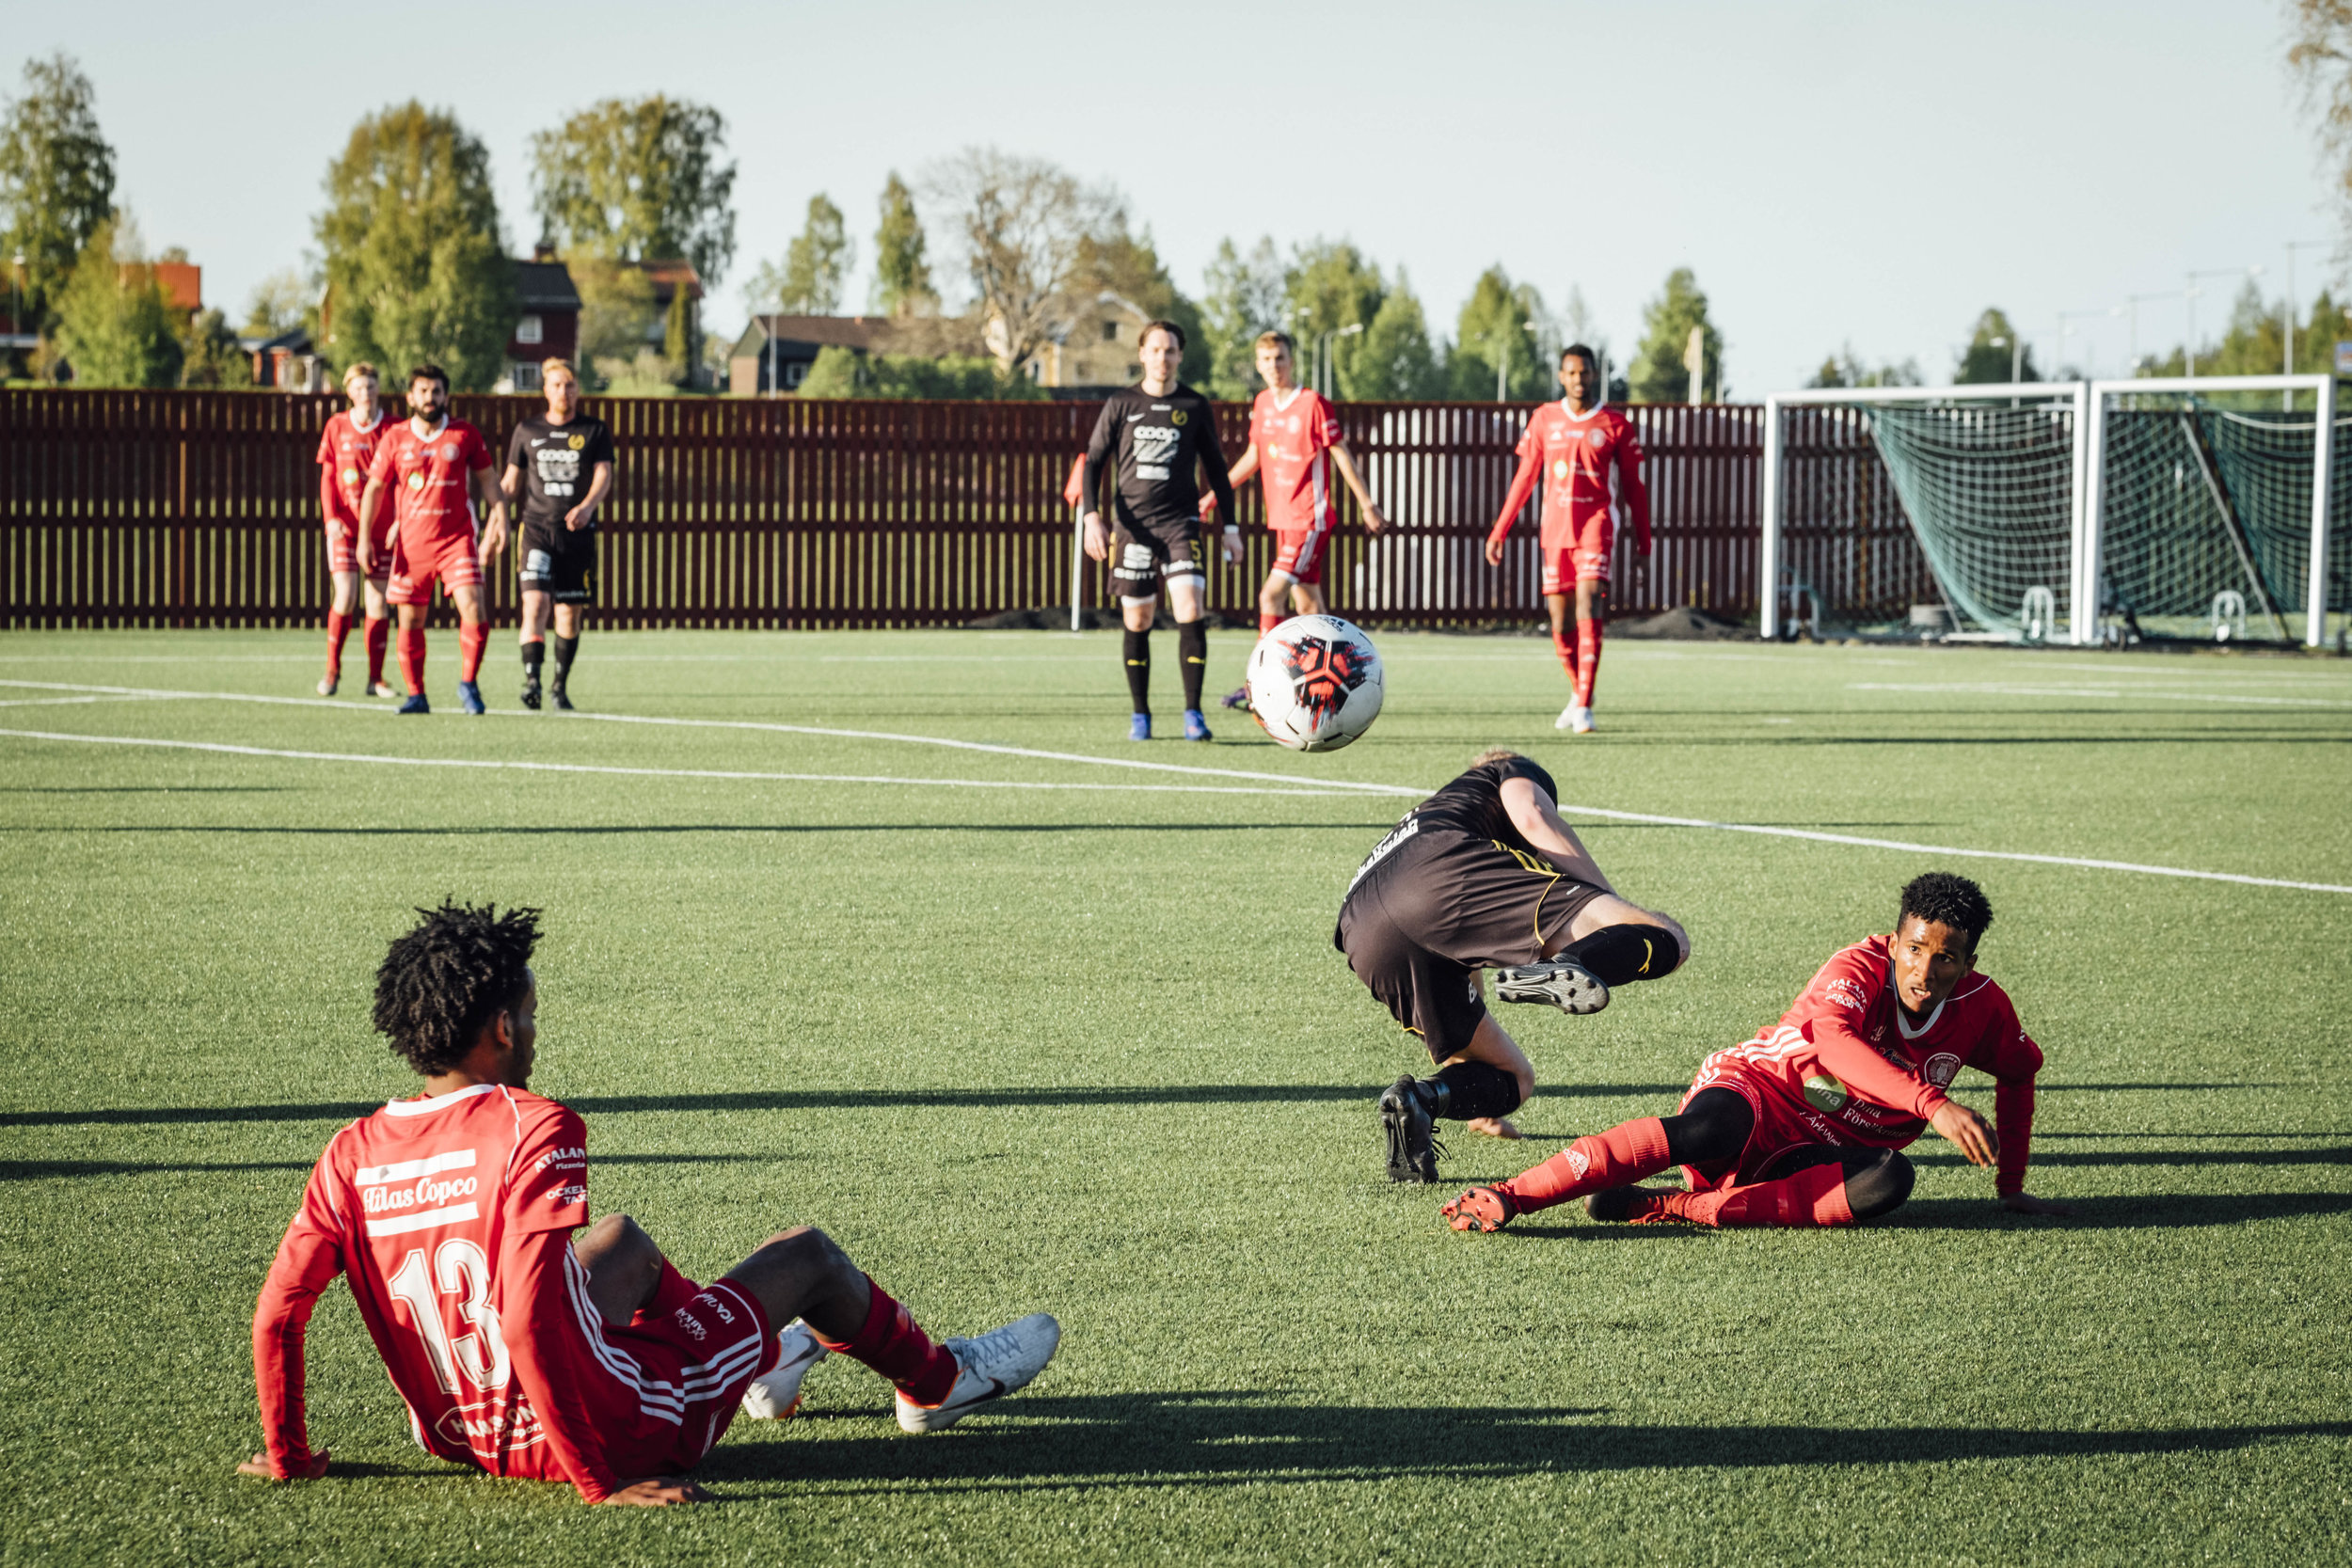 fotboll-v22-2019-1011.jpg